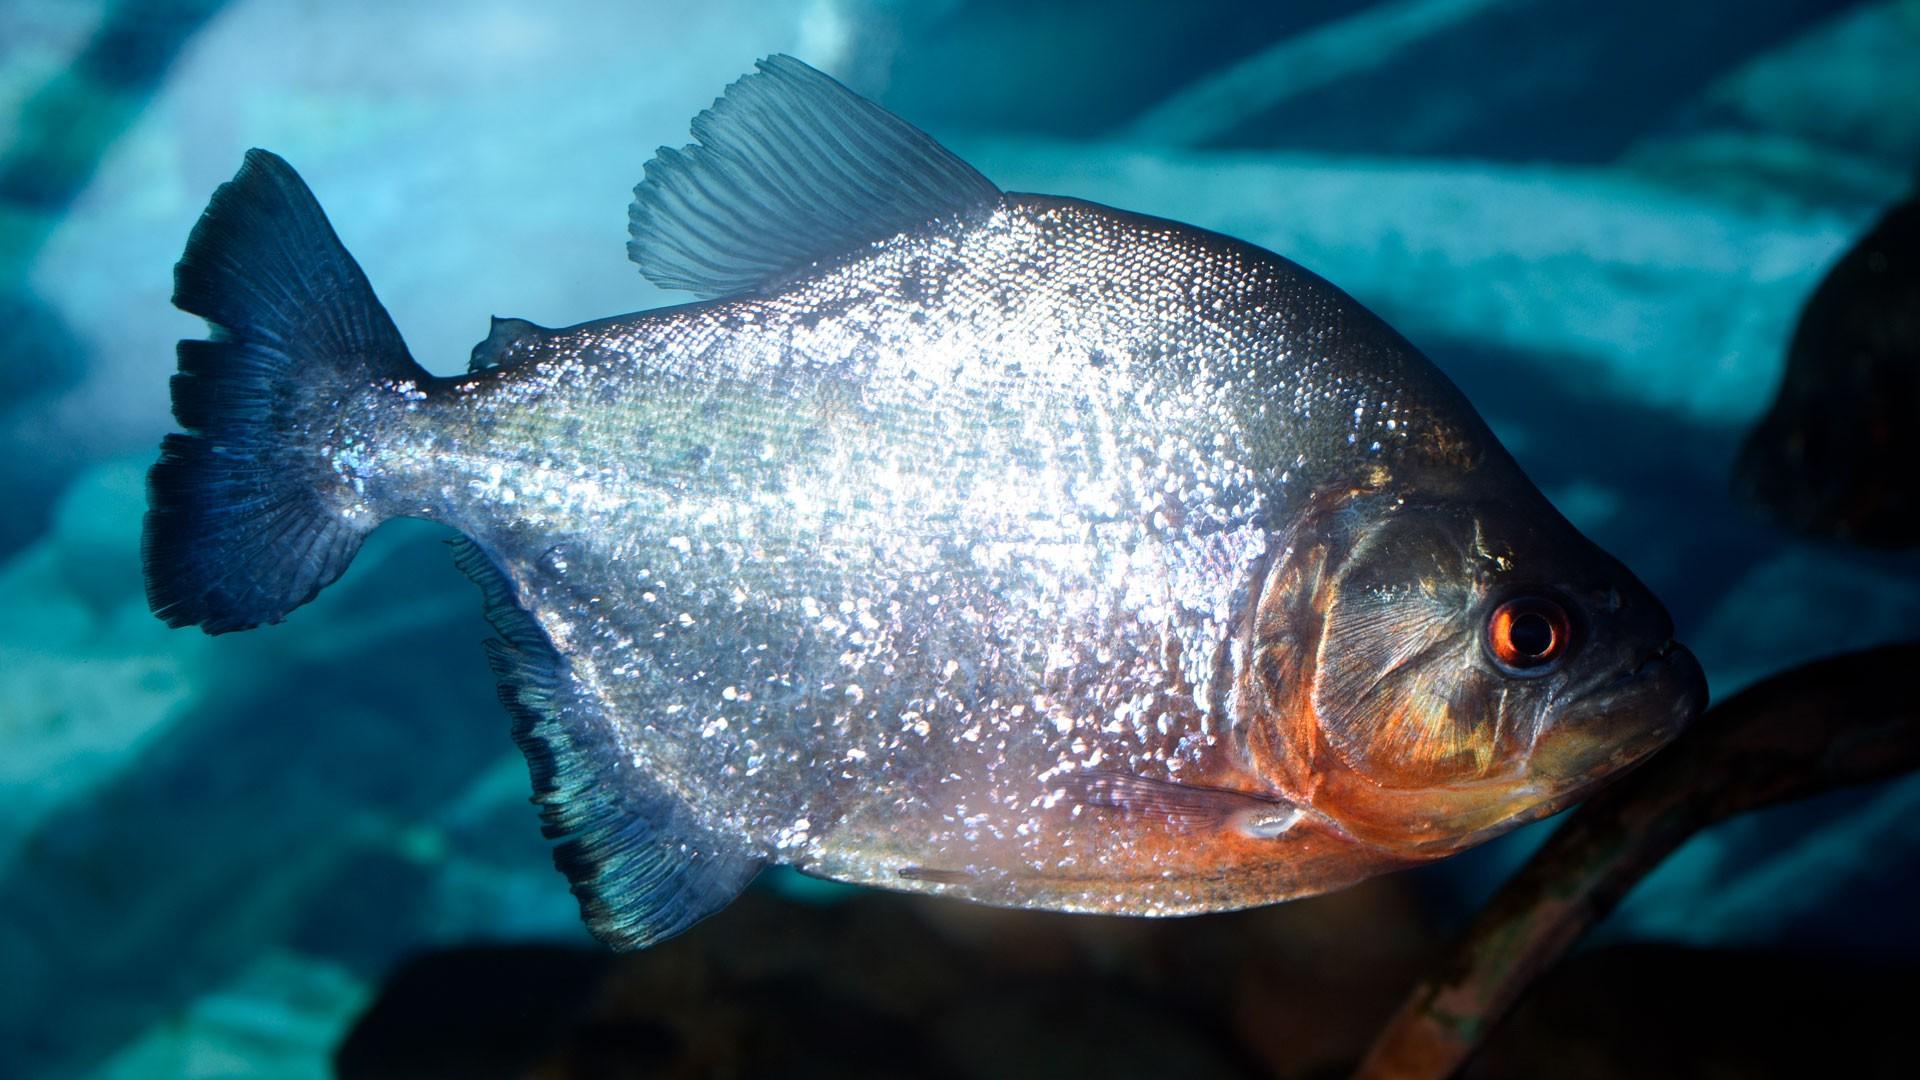 Redeye Piranha